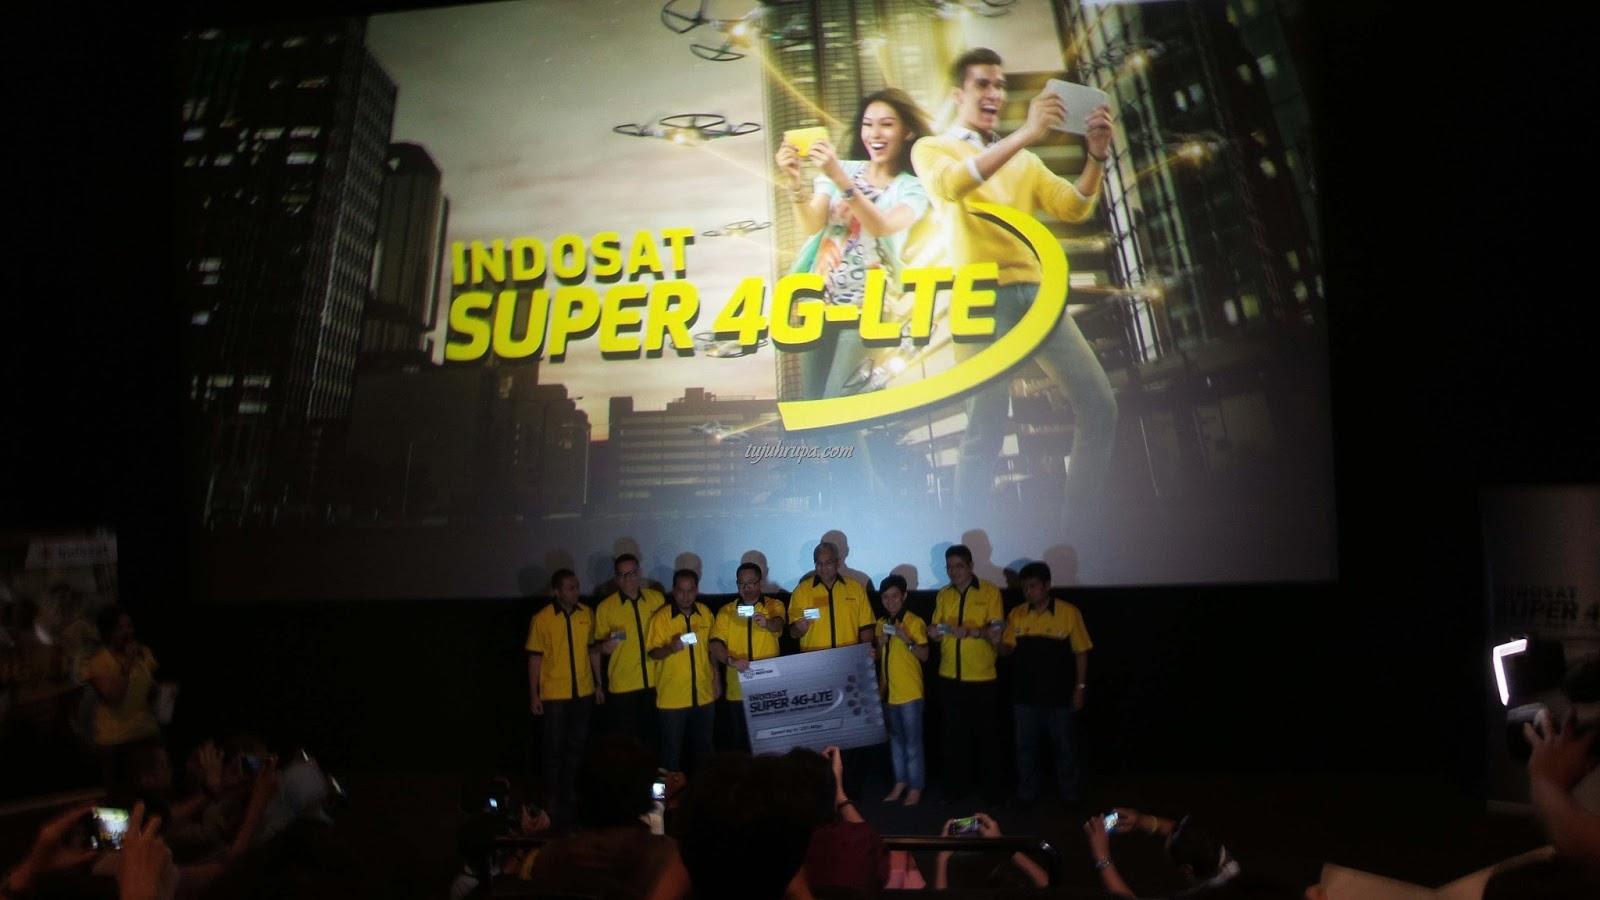 Peluncuran Super 4G LTE Indosat di Blitz Grand Indonesia